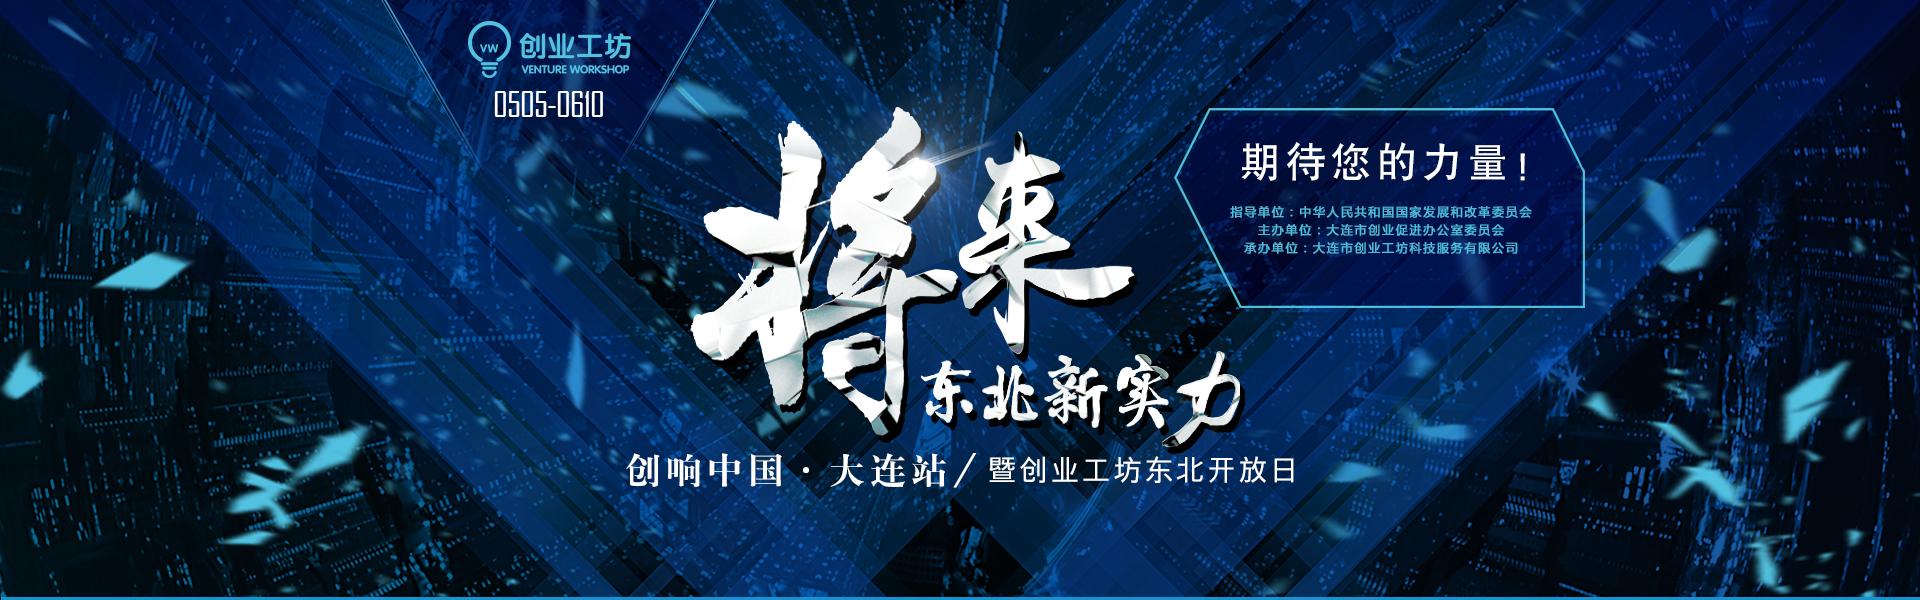 双创巡展暨创业工坊东北开放日 - 专题活动 - 创业活动 - 创业工坊